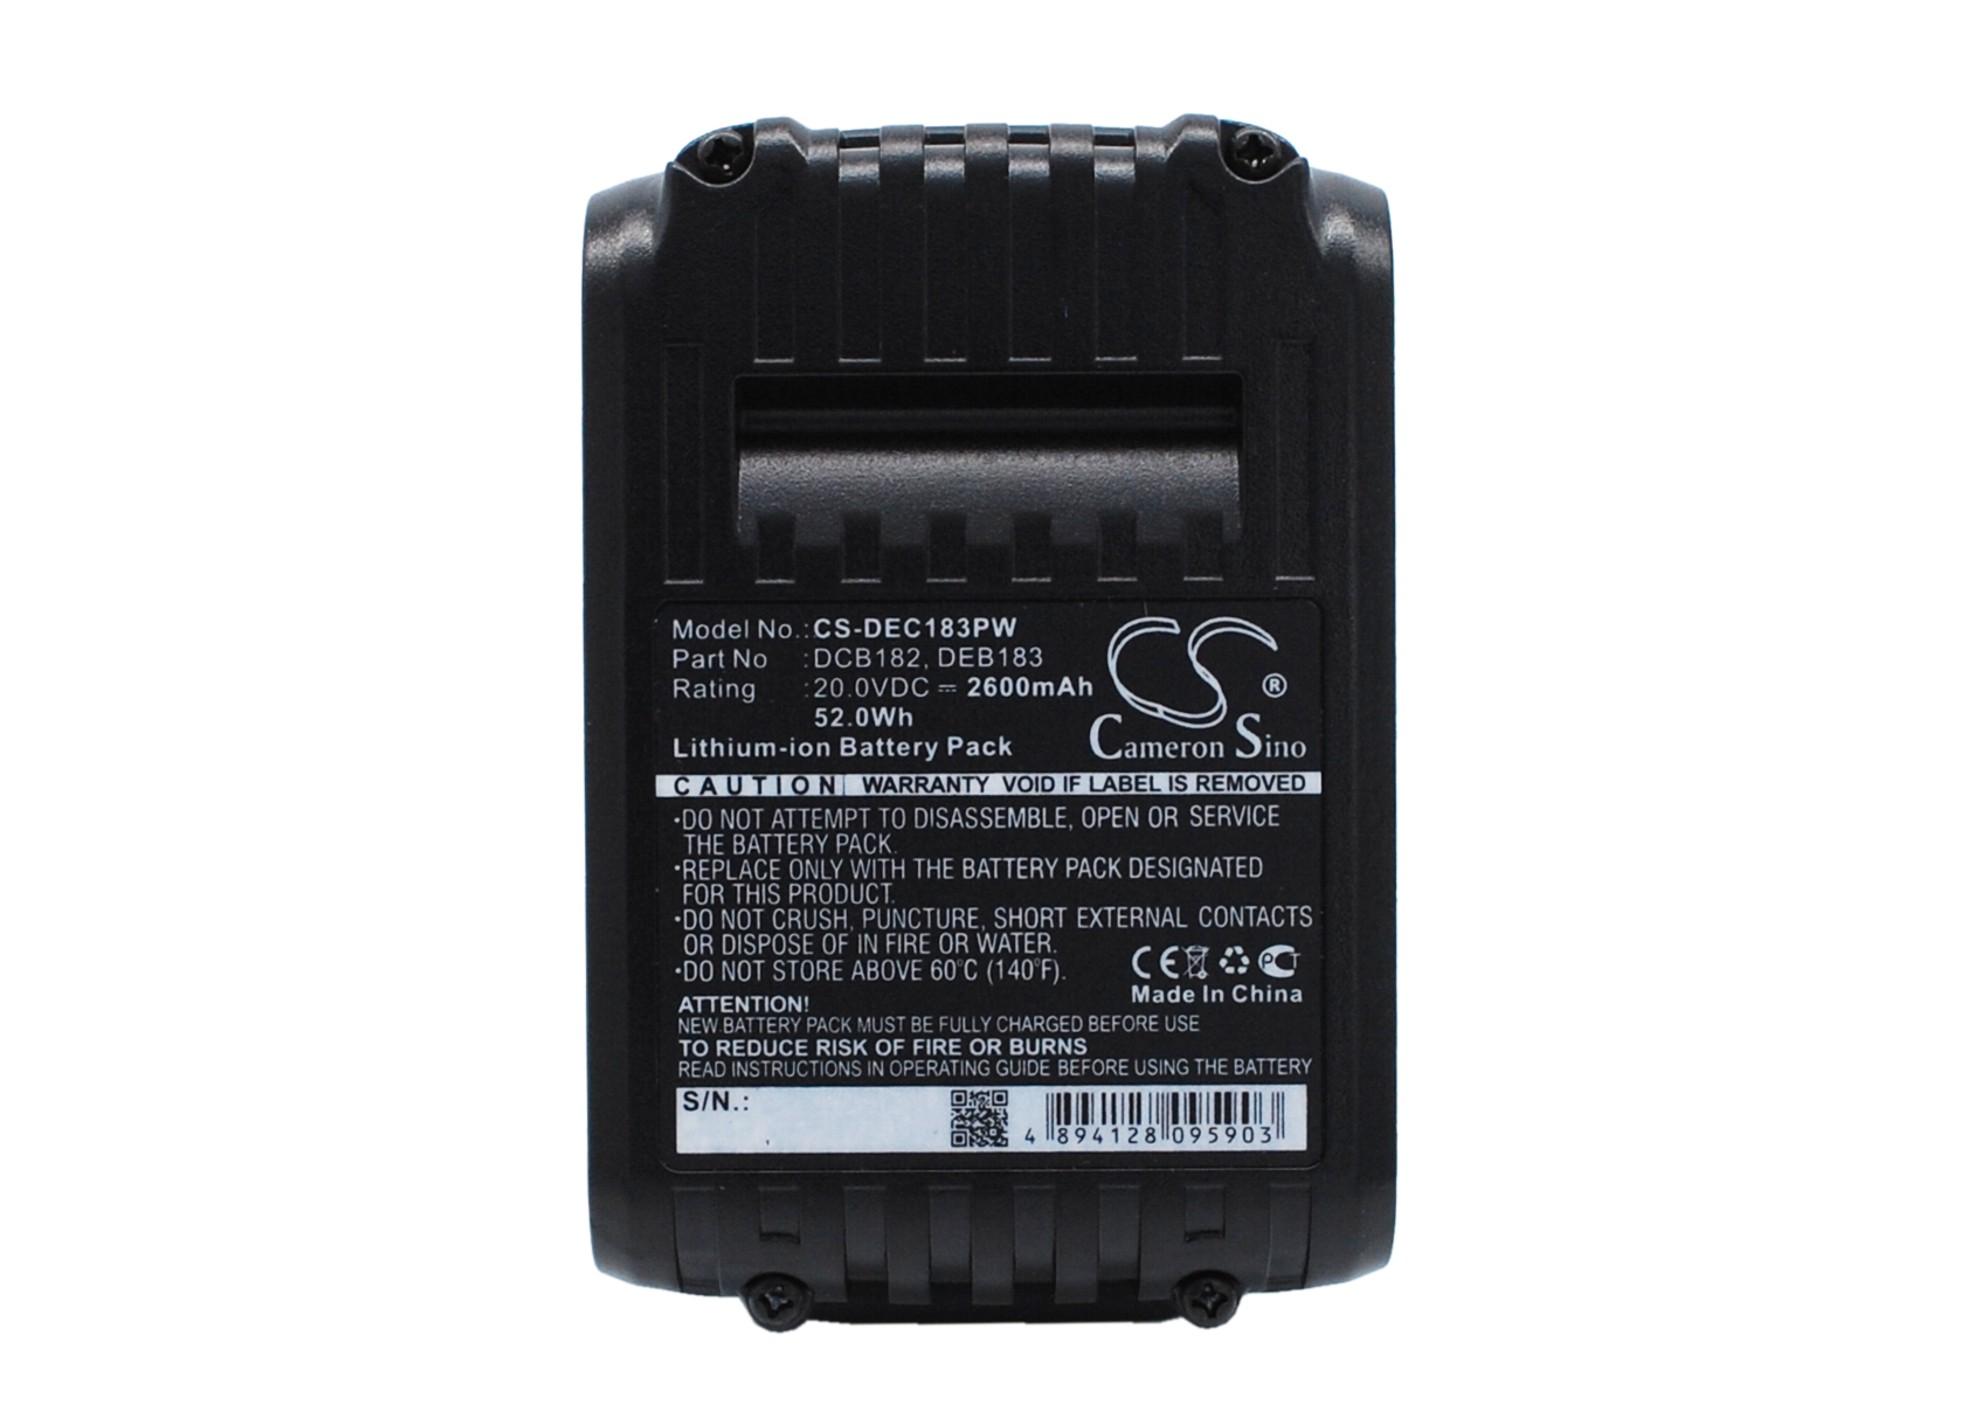 Cameron Sino baterie do nářadí pro DEWALT DCF885N 20V Li-ion 2600mAh černá - neoriginální